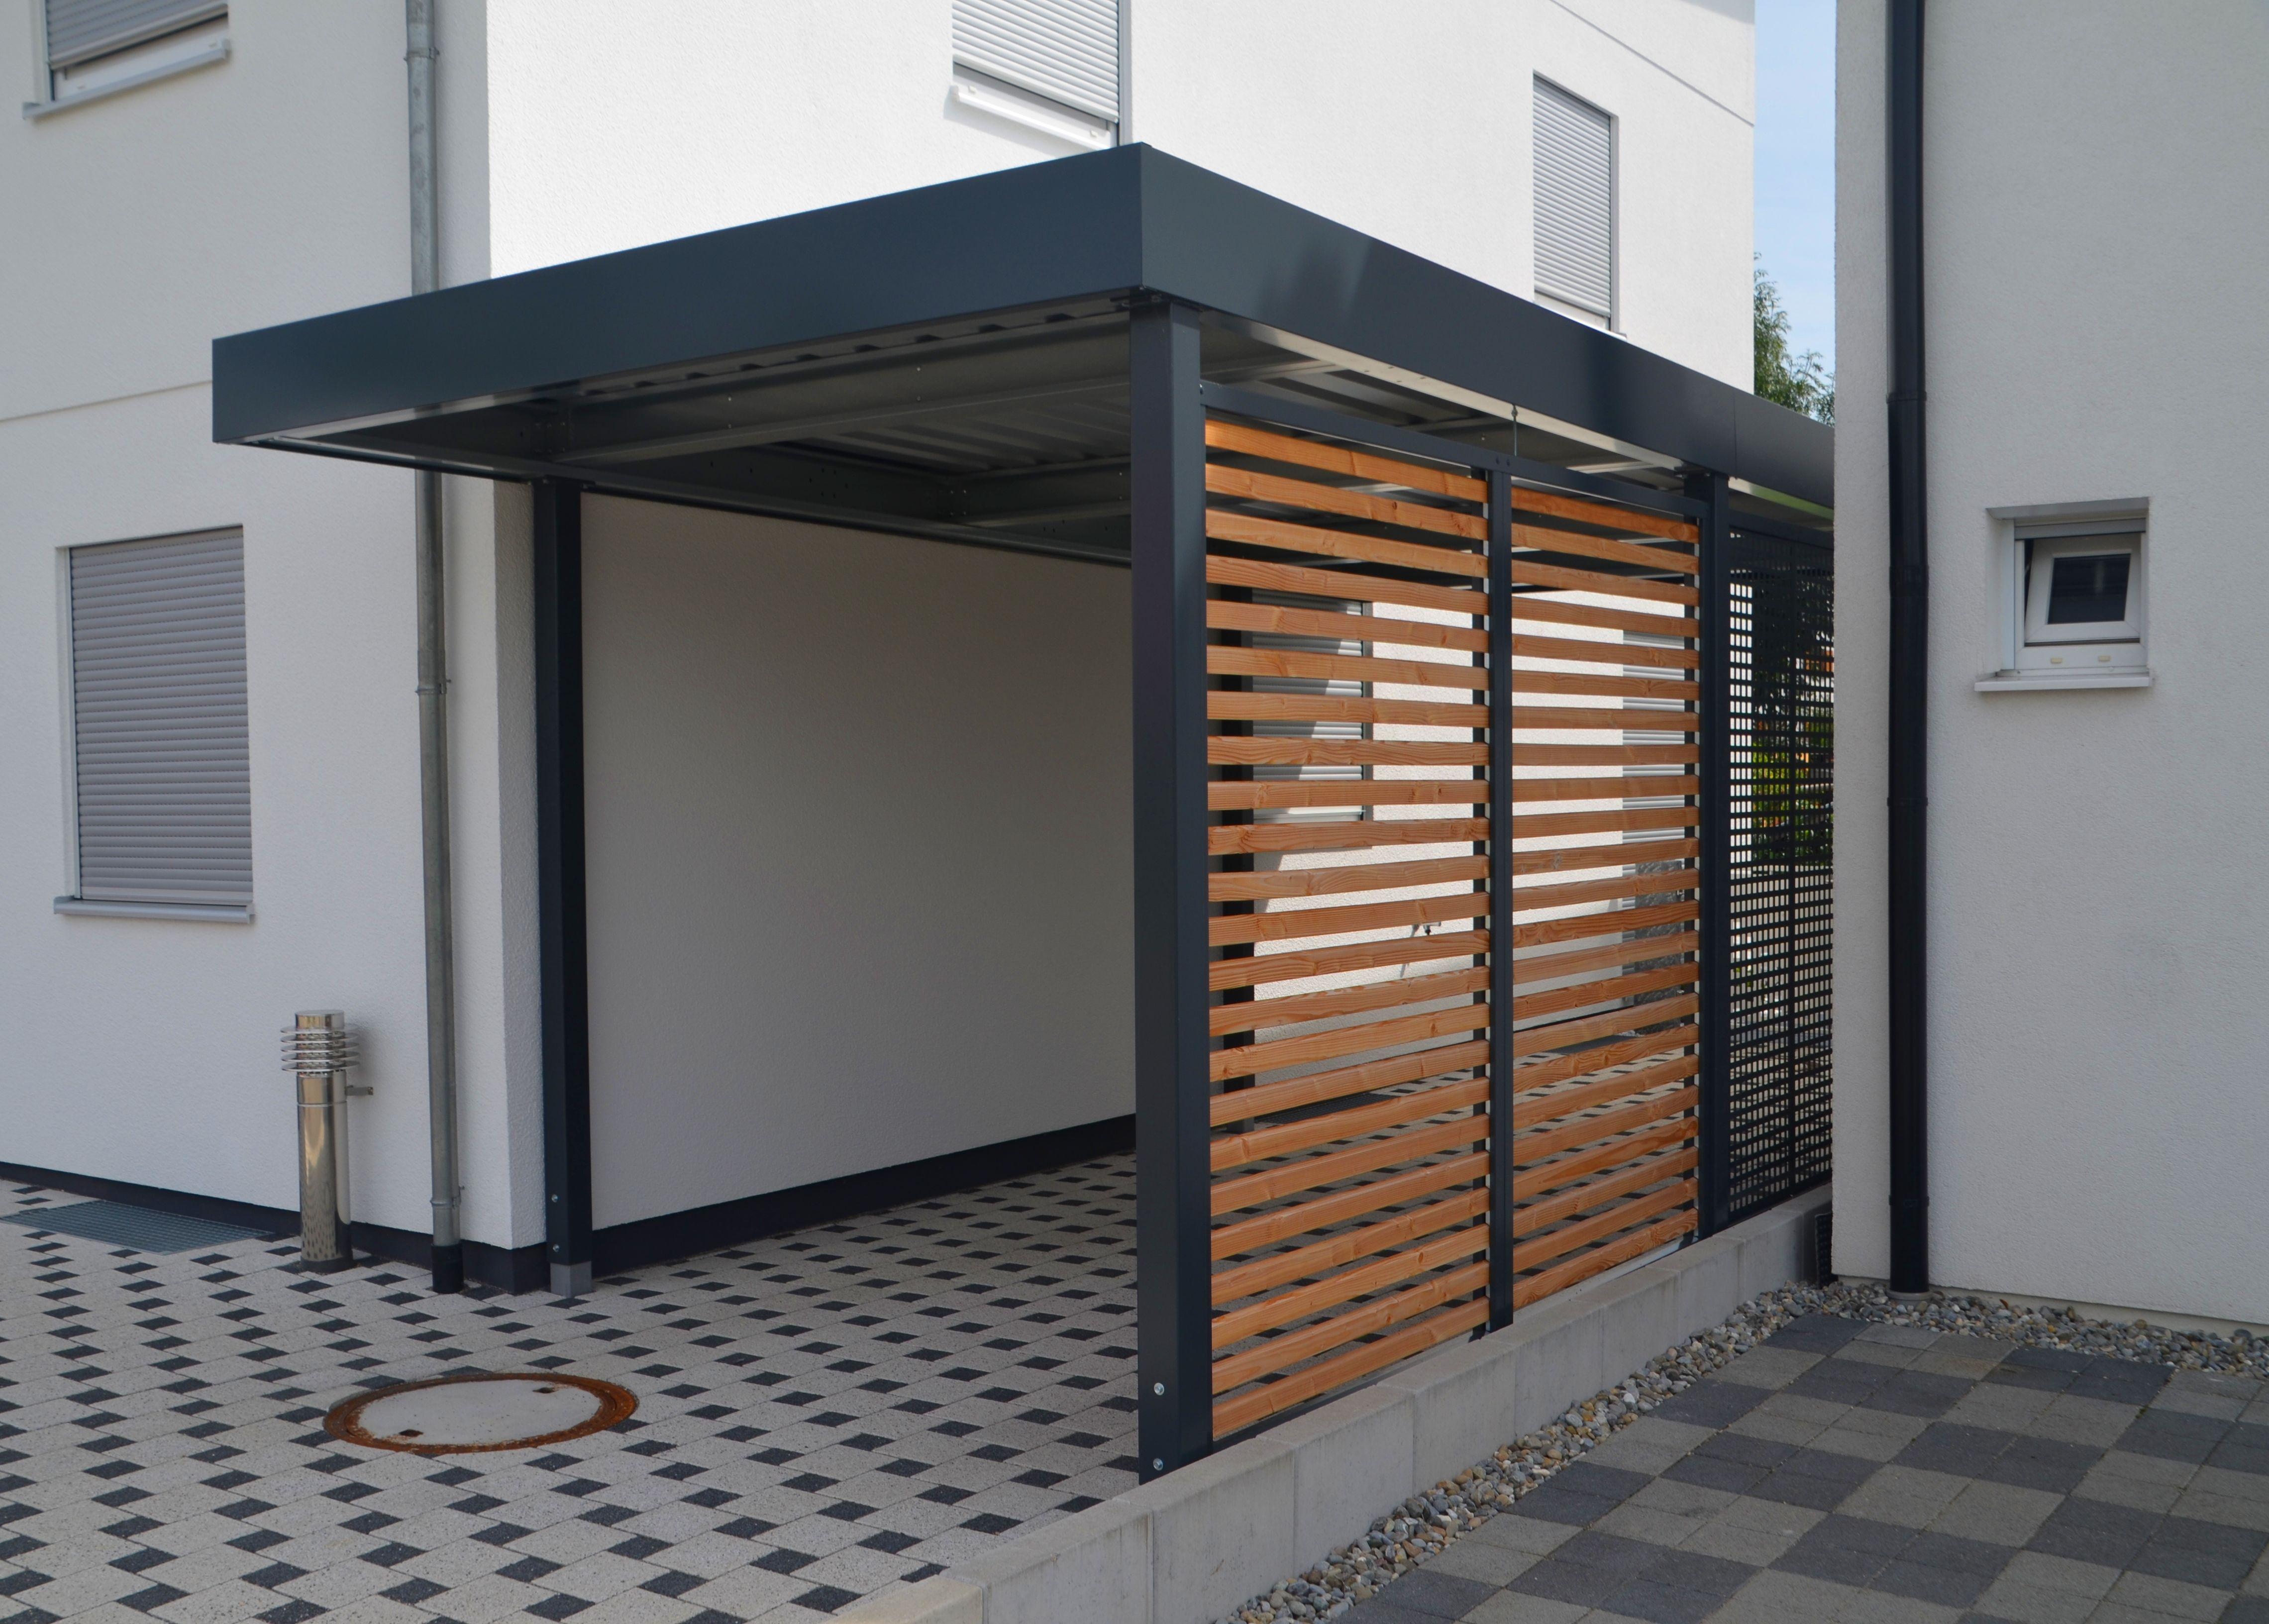 Myport Einzelcarport In Anthrazit Als Massanfertigung Mit Wandelement Holz Offen Und Quadratlochung Carport Carp In 2020 Carport Designs Carport Carport Makeover